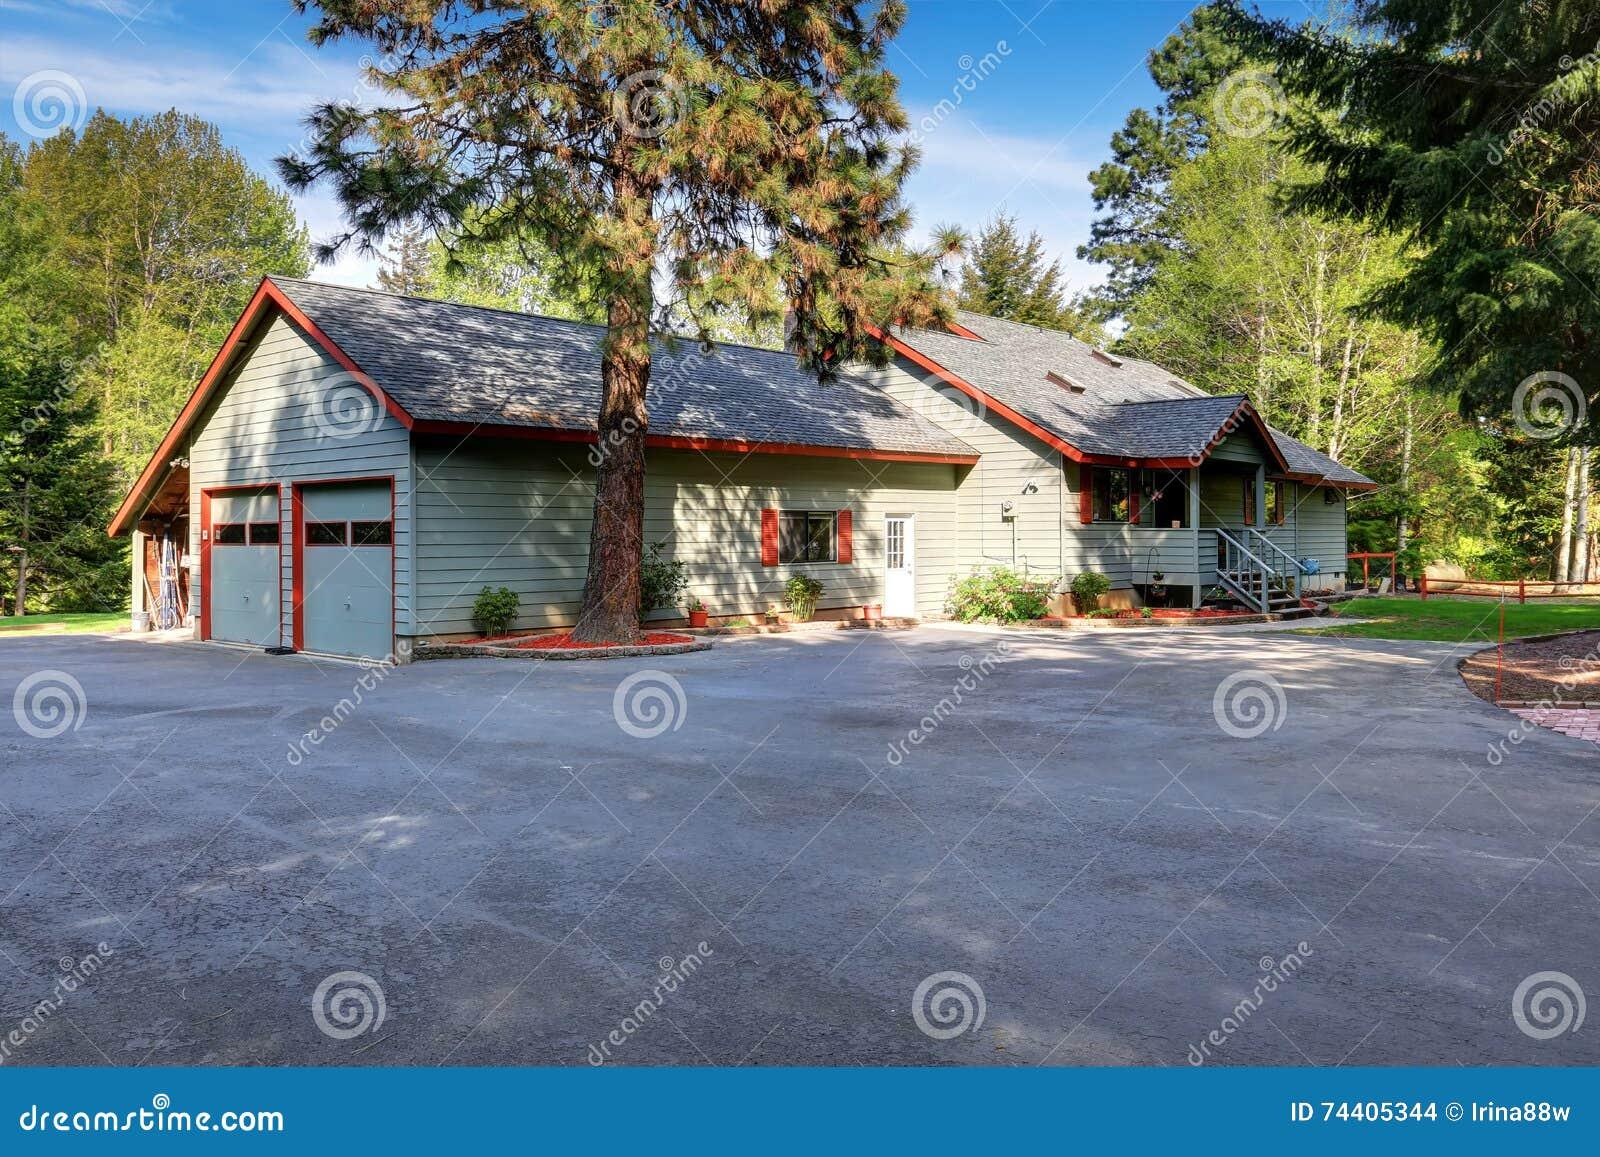 Geräumig Amerikanisches Landhaus Galerie Von Pattern Außen Mit Breiter Asphaltfahrstraße Stockfoto -